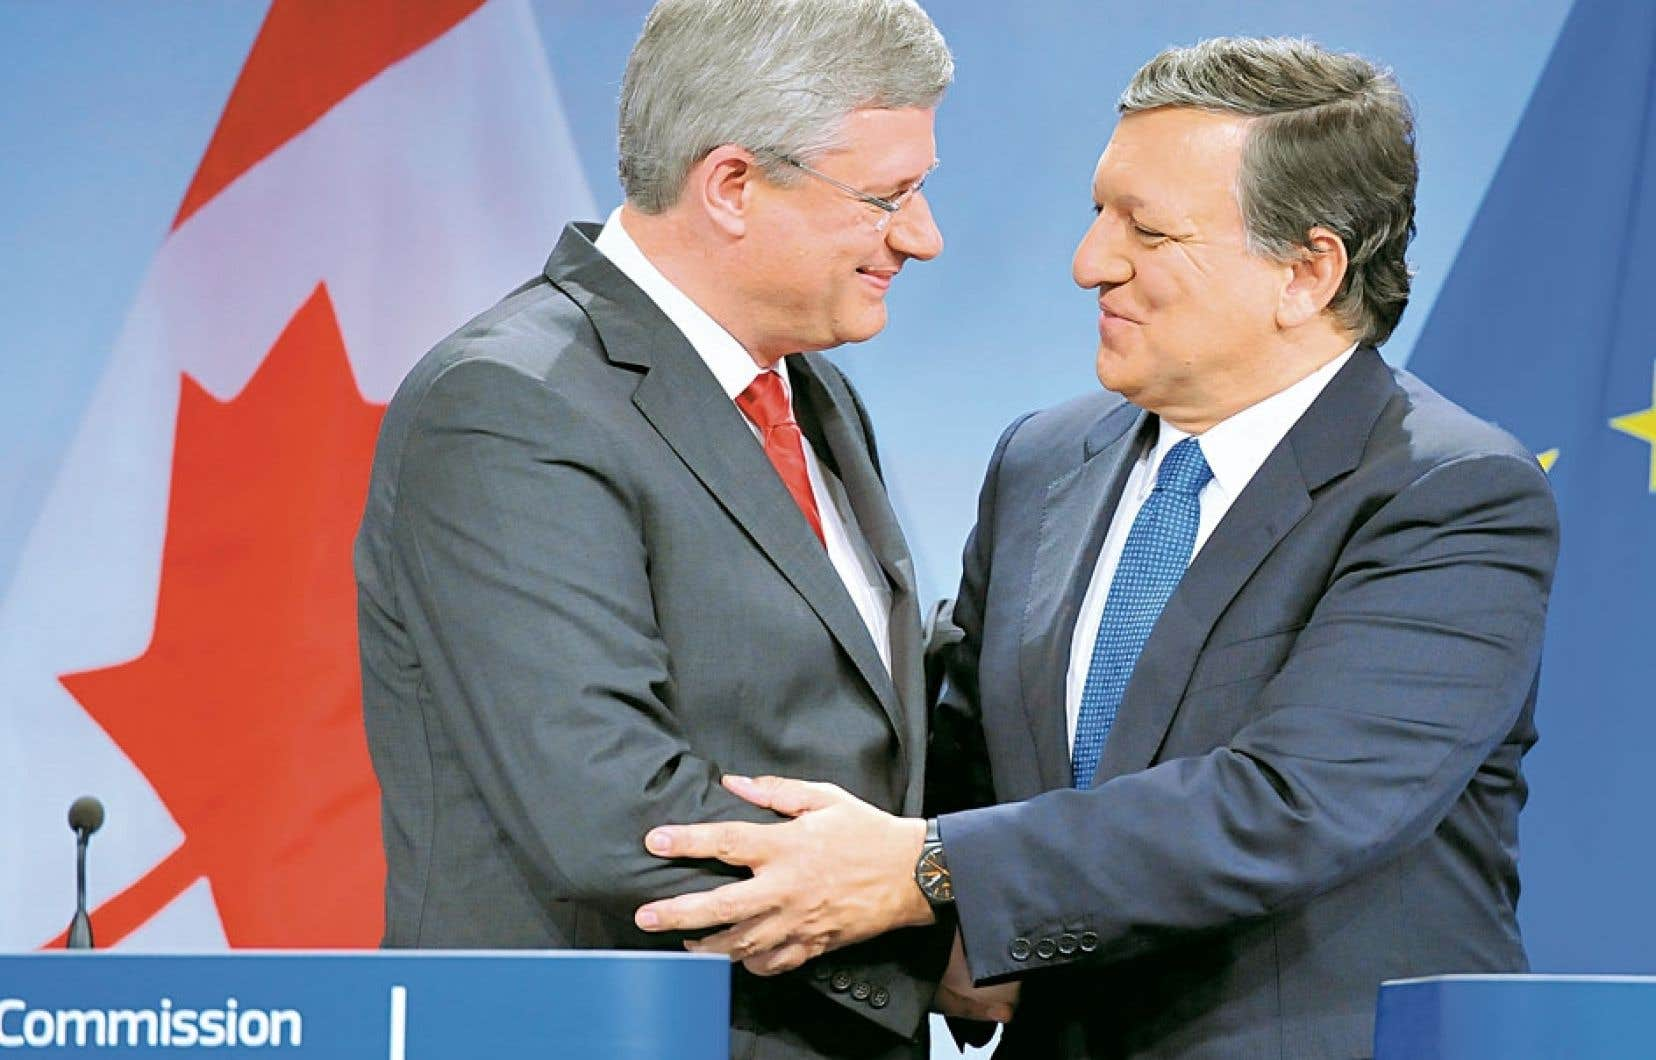 Le premier ministre canadien, Stephen Harper, et le président de la Commission européenne, Jose Manuel Barroso, lors de la signature de l'accord.